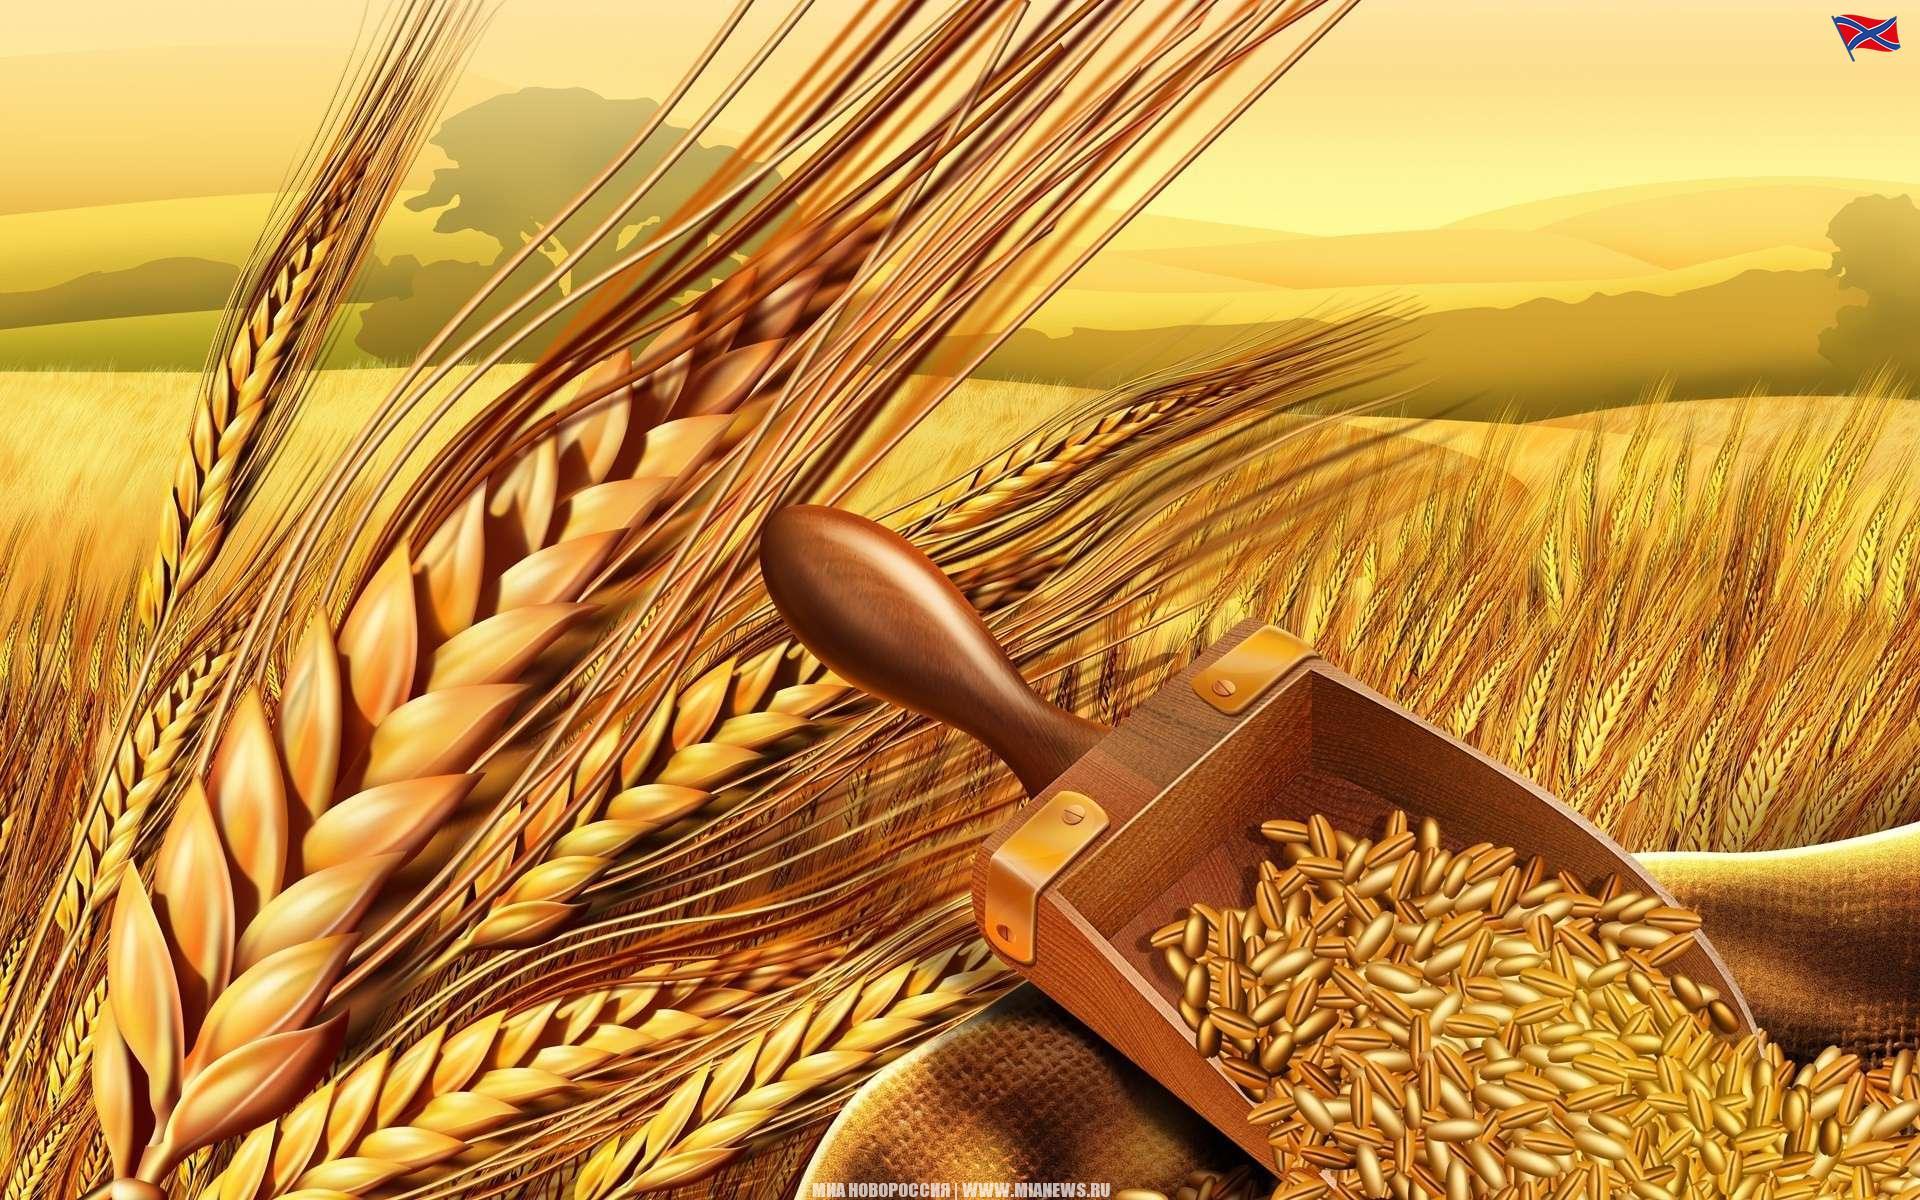 Скучашки прикольные, картинки о хлебе и хлеборобах